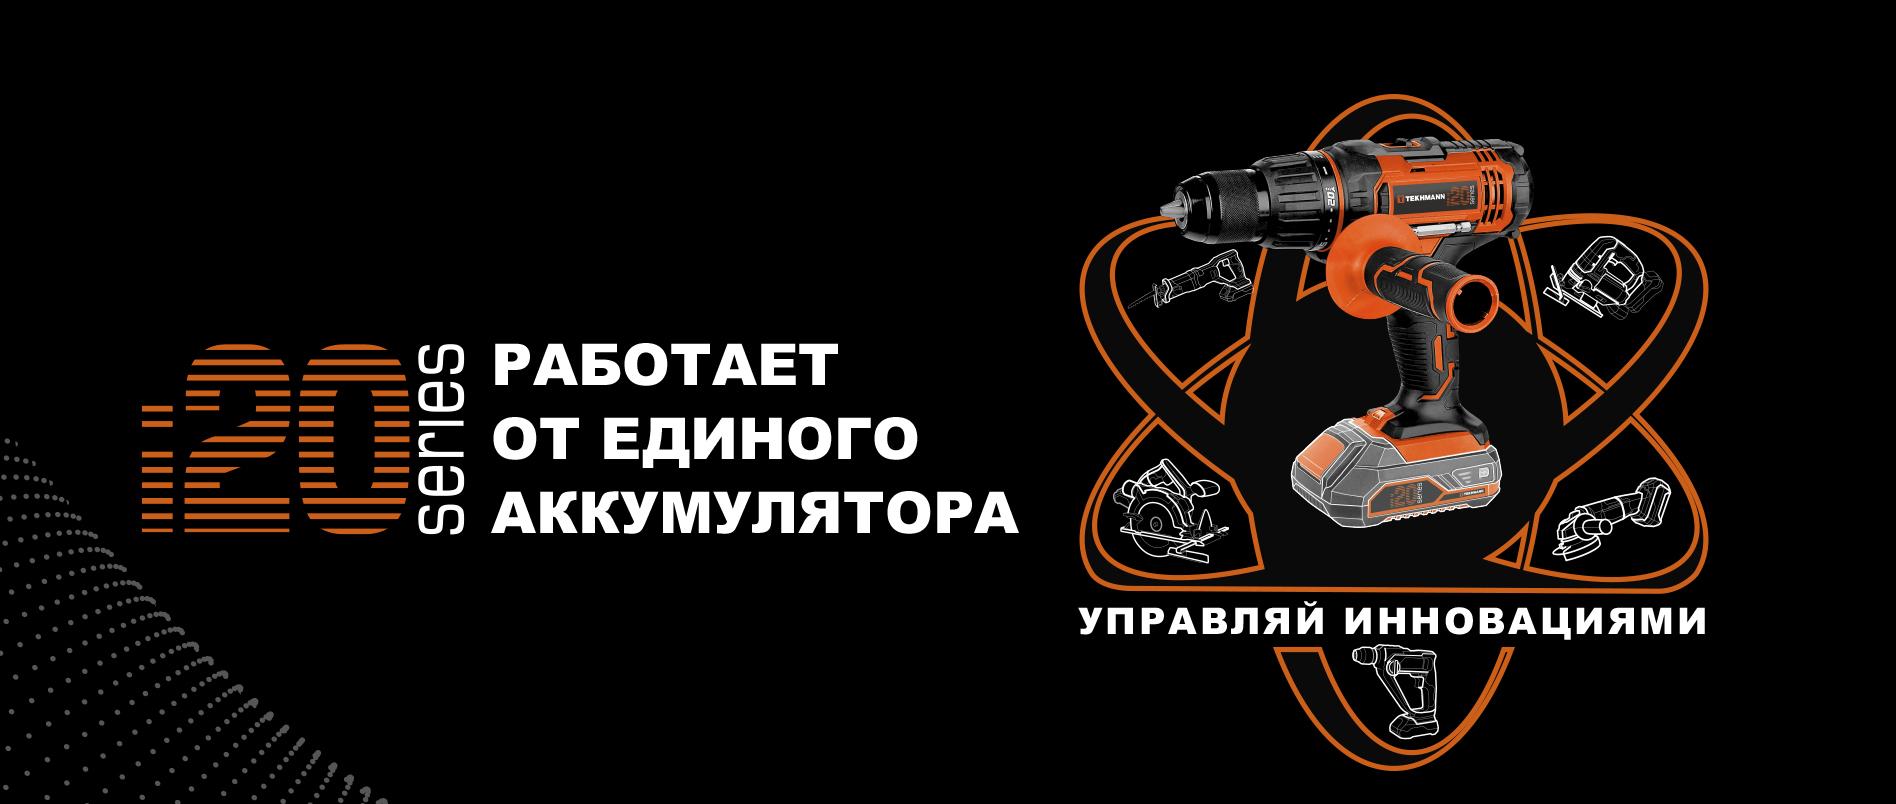 реклама инструмента Tekhmann i20